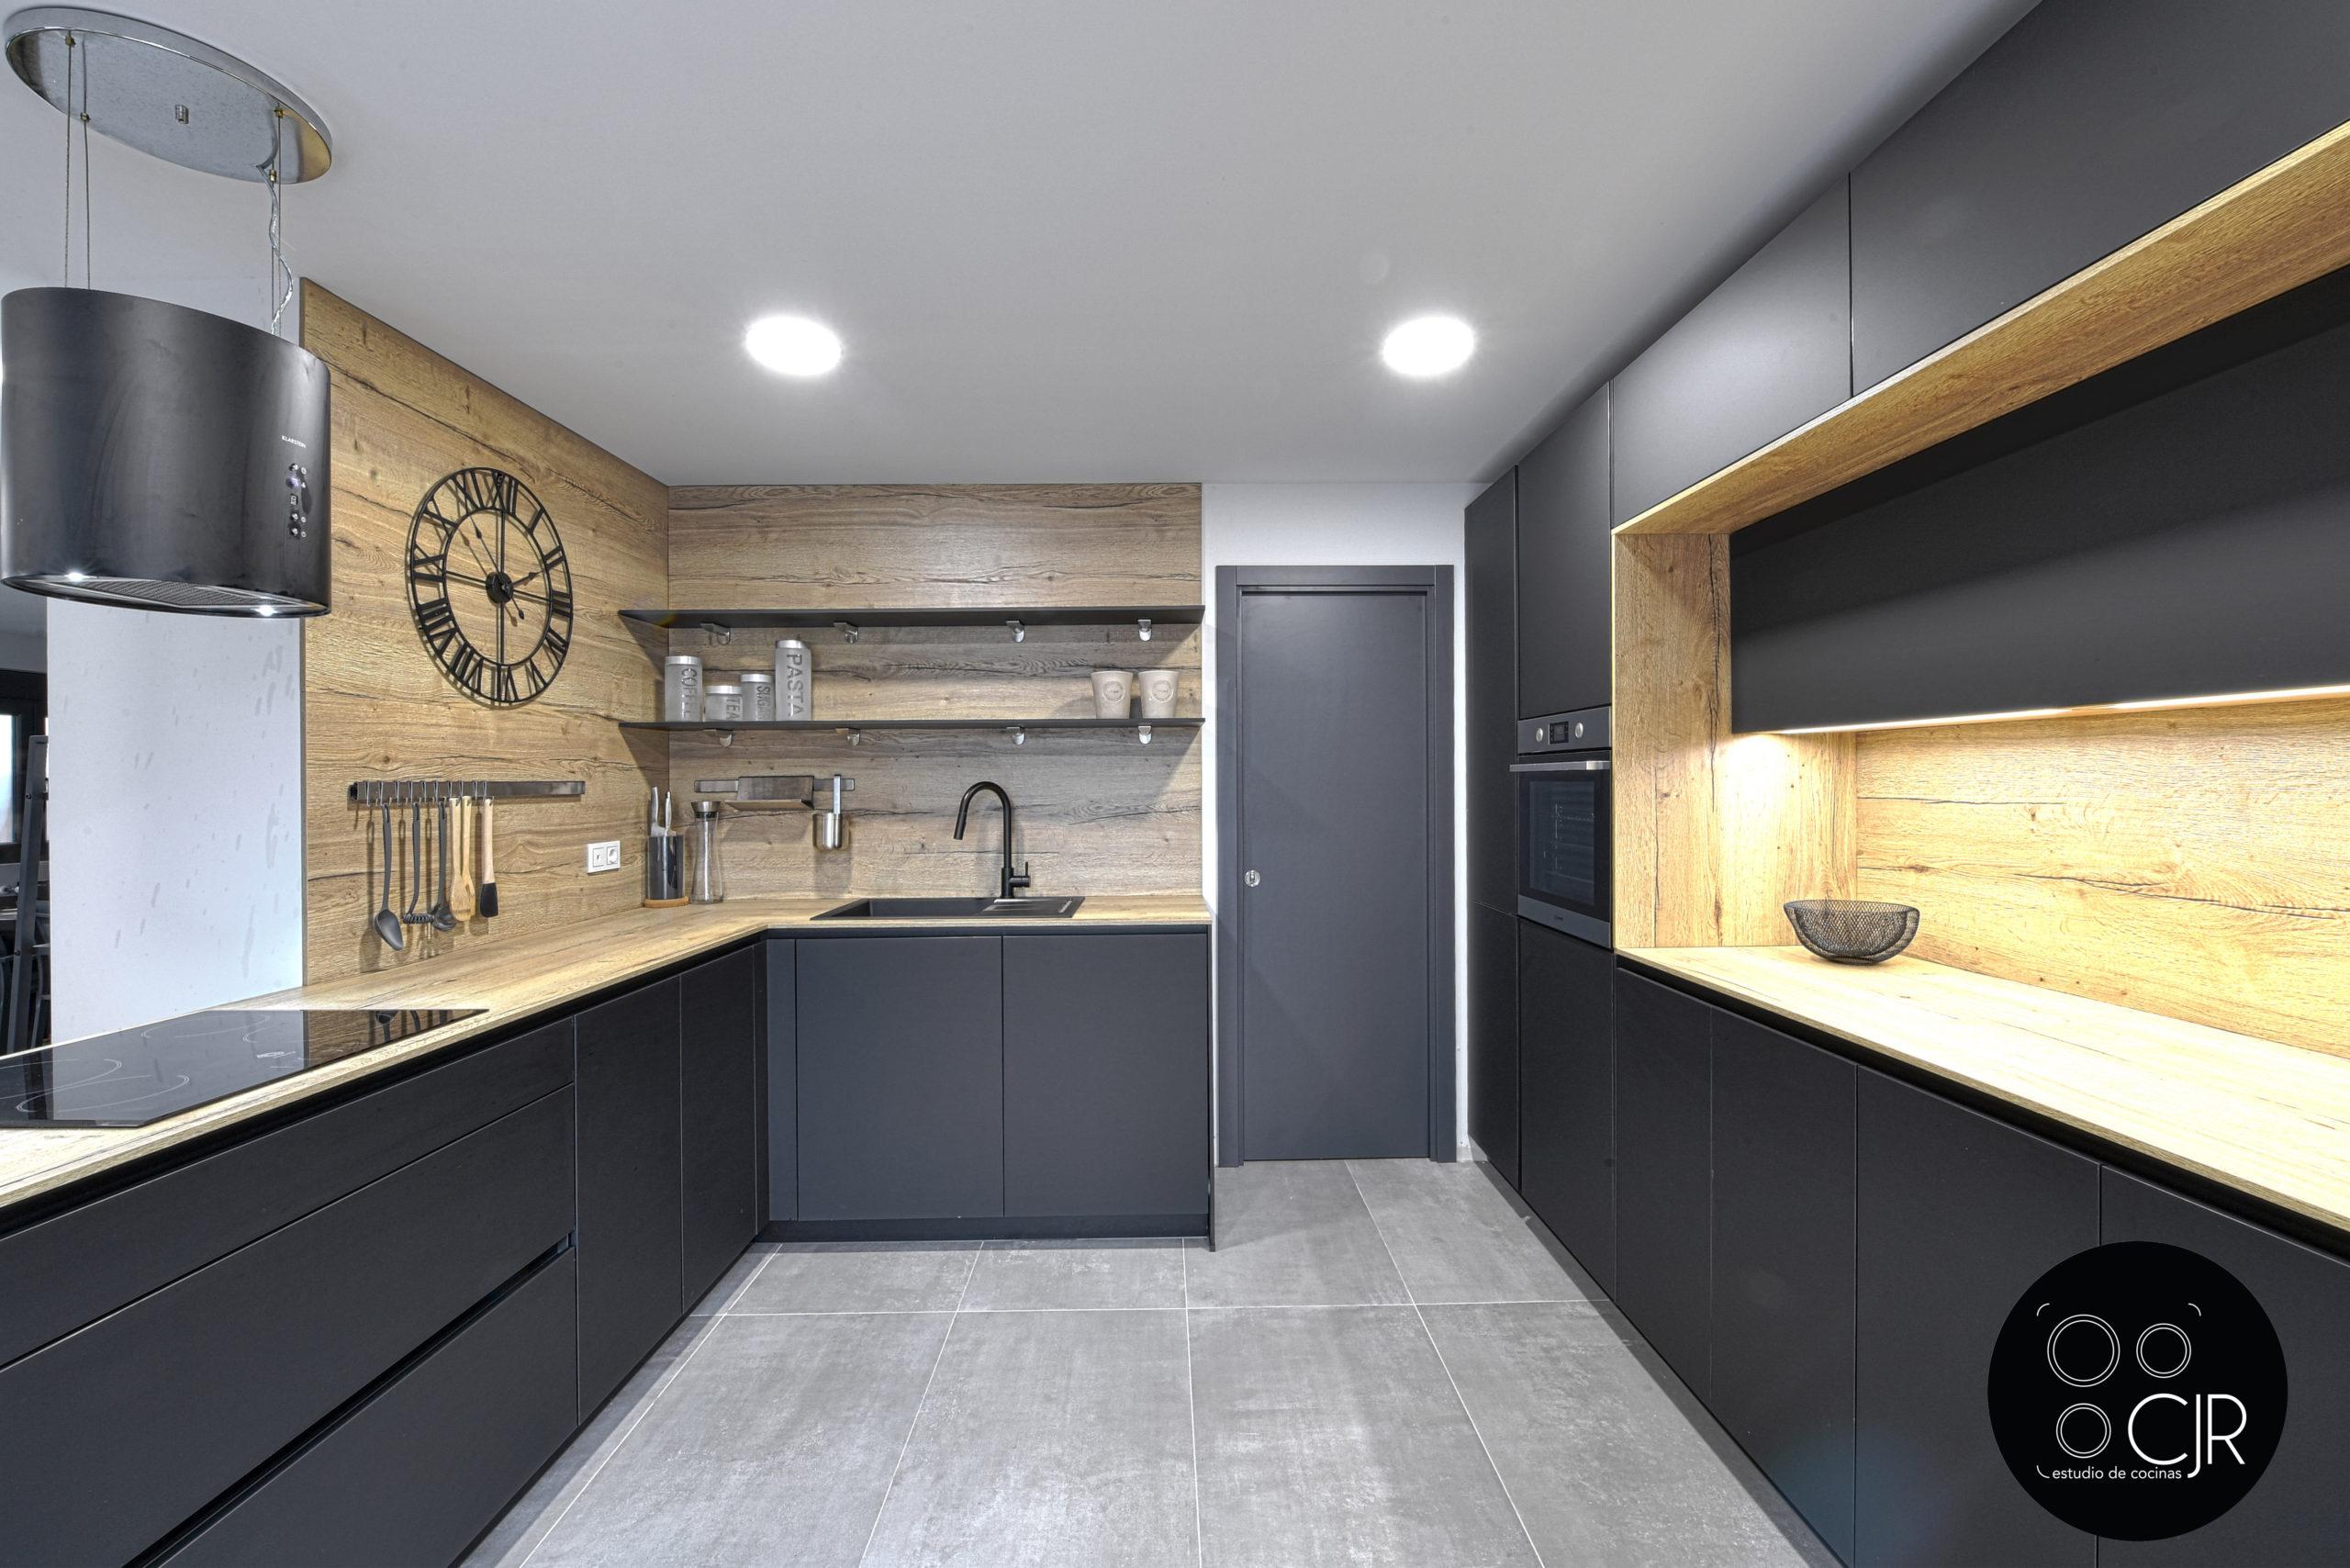 Vista frontal de cocina negra mate y madera